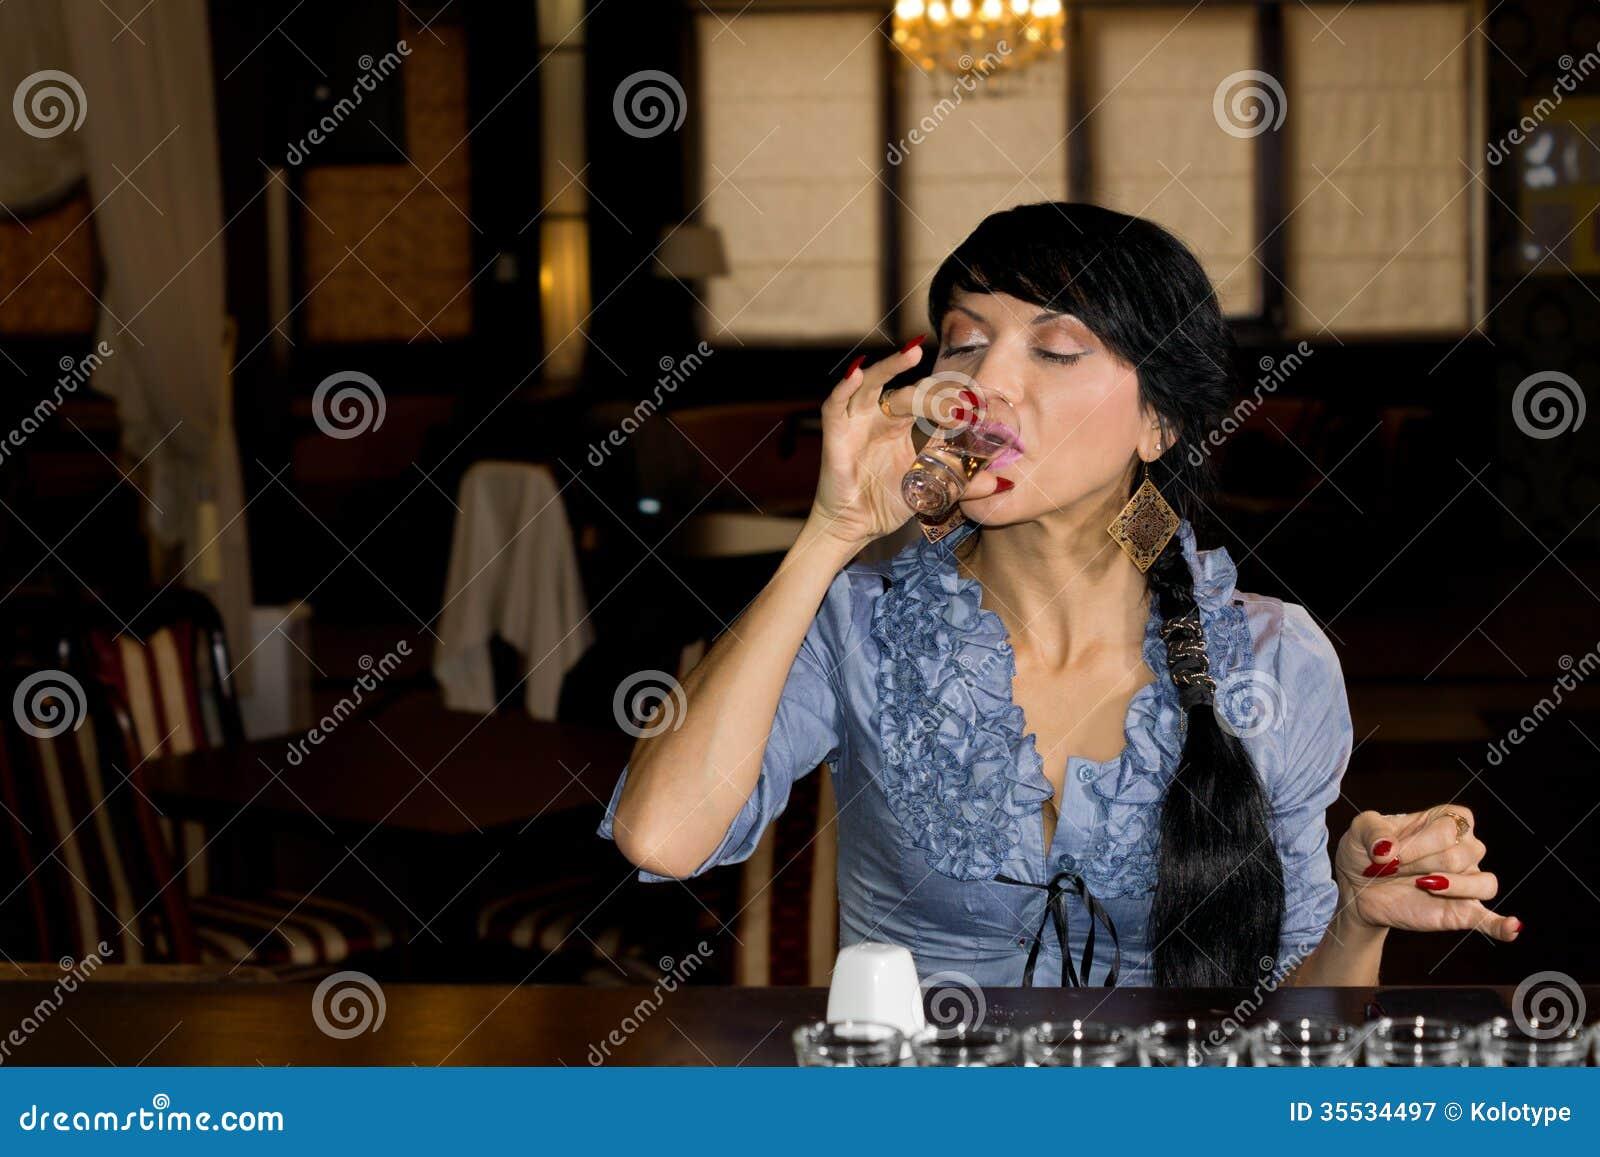 Femme avalant un verre de vodka ordonnée